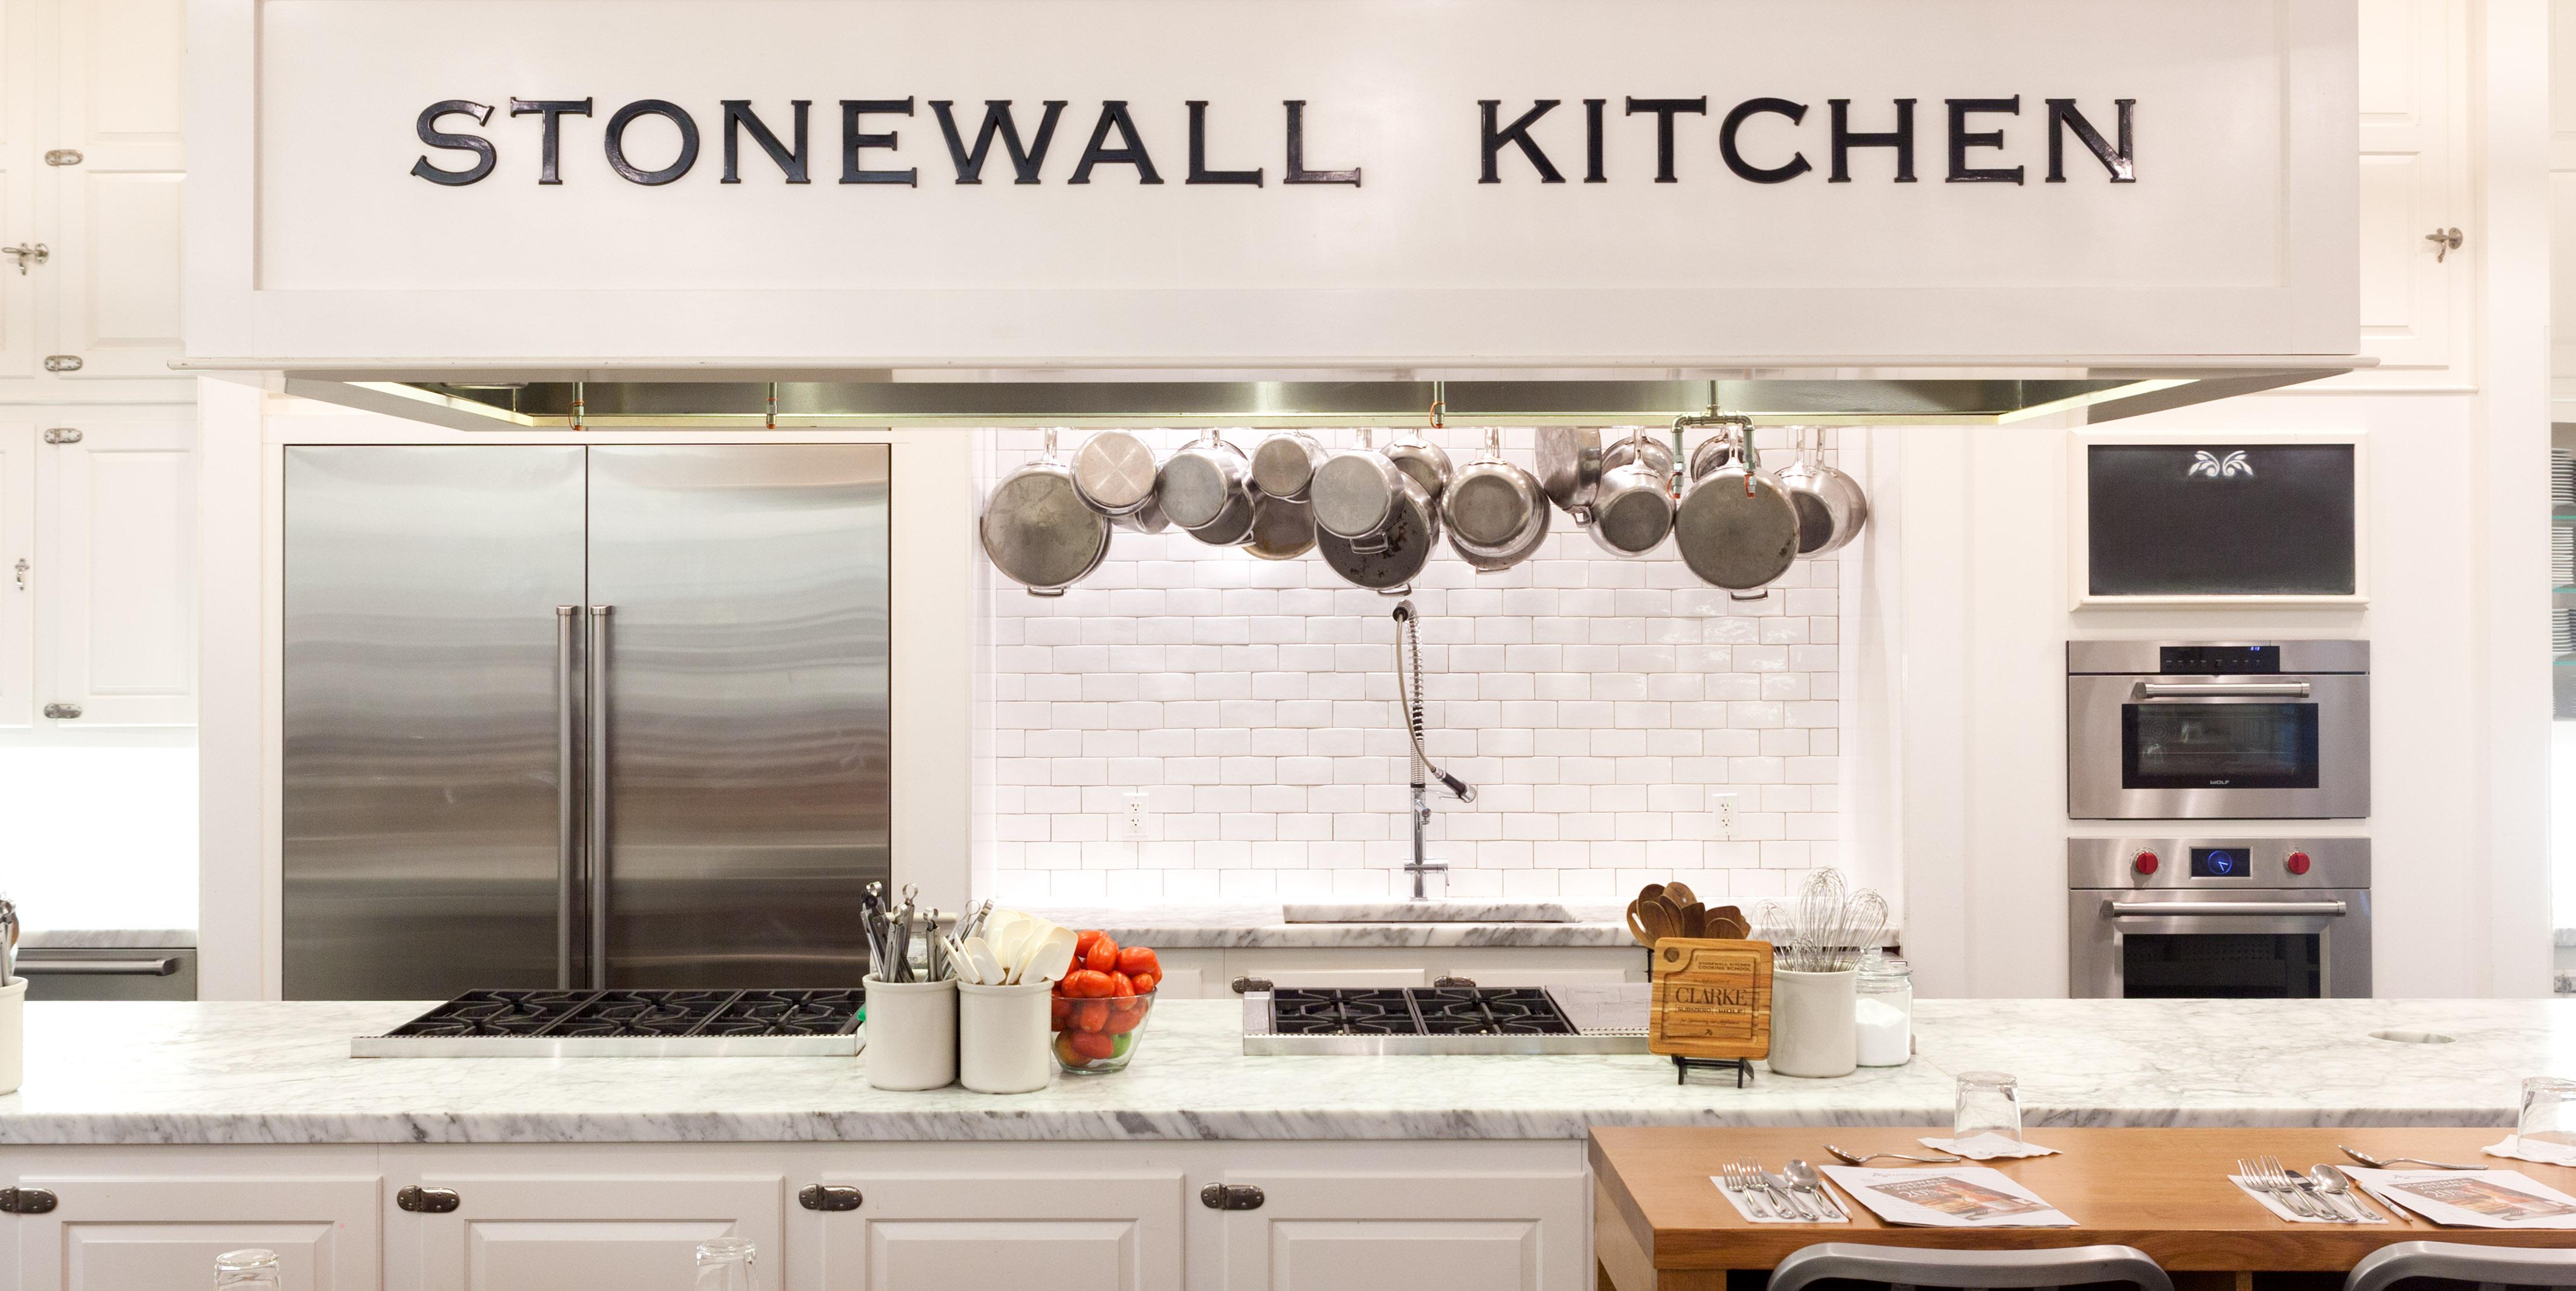 stonewall kitchen york maine stonewall kitchen maine cafe